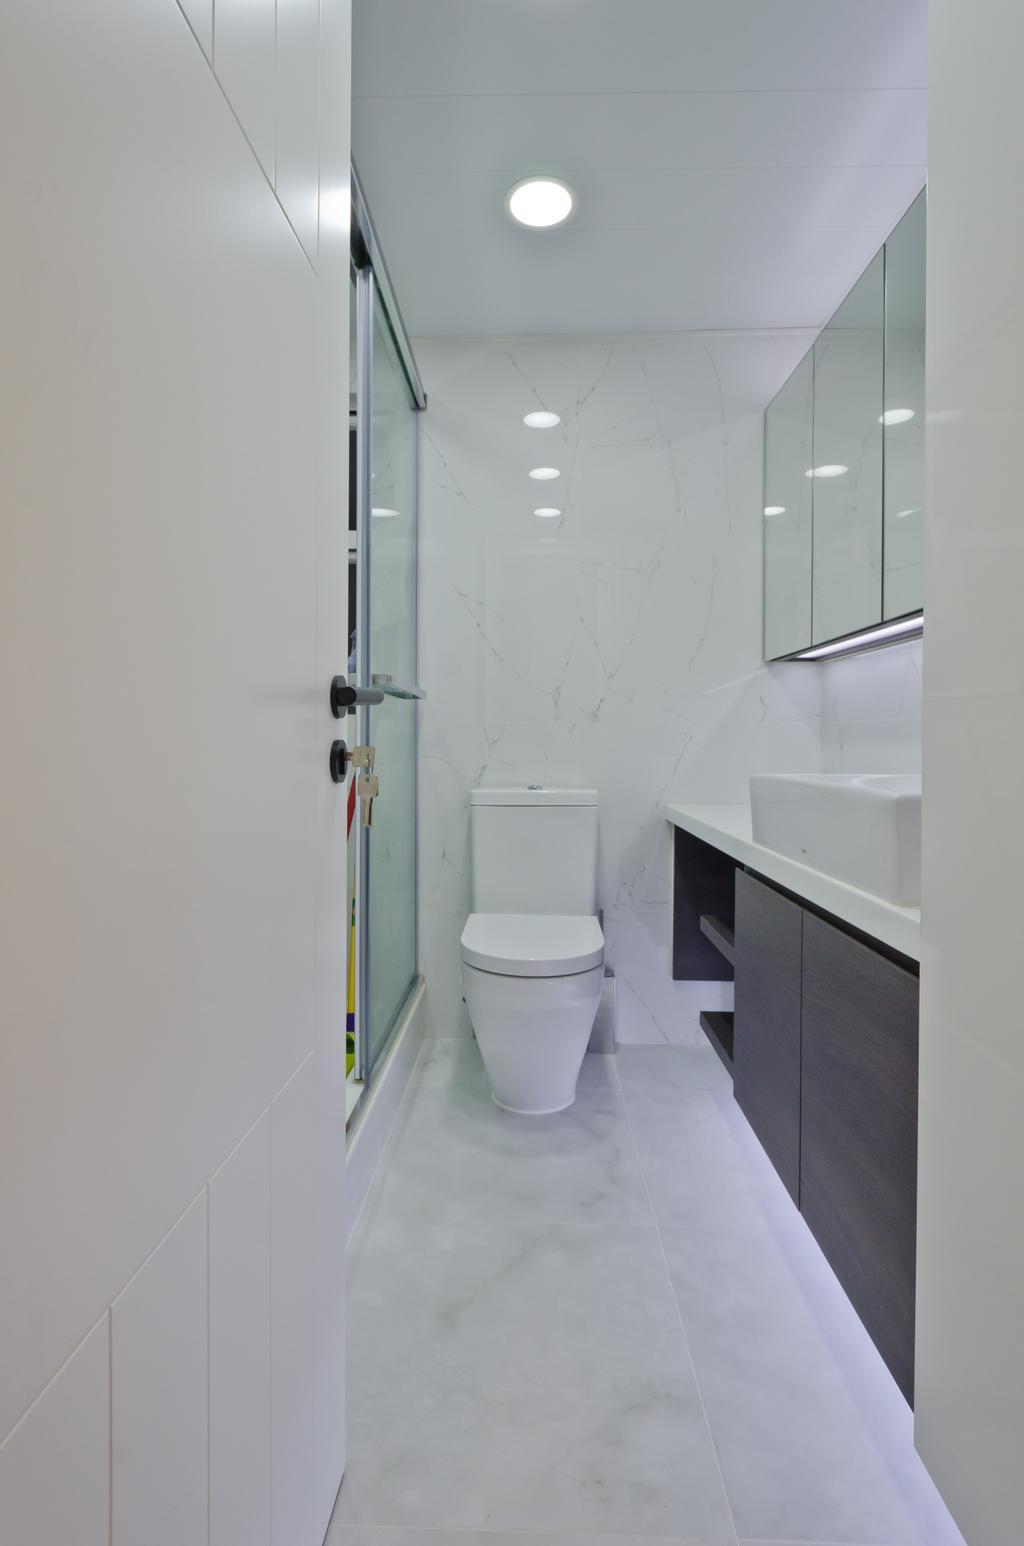 簡約, 私家樓, 浴室, 和富中心, 室內設計師, 現時設計